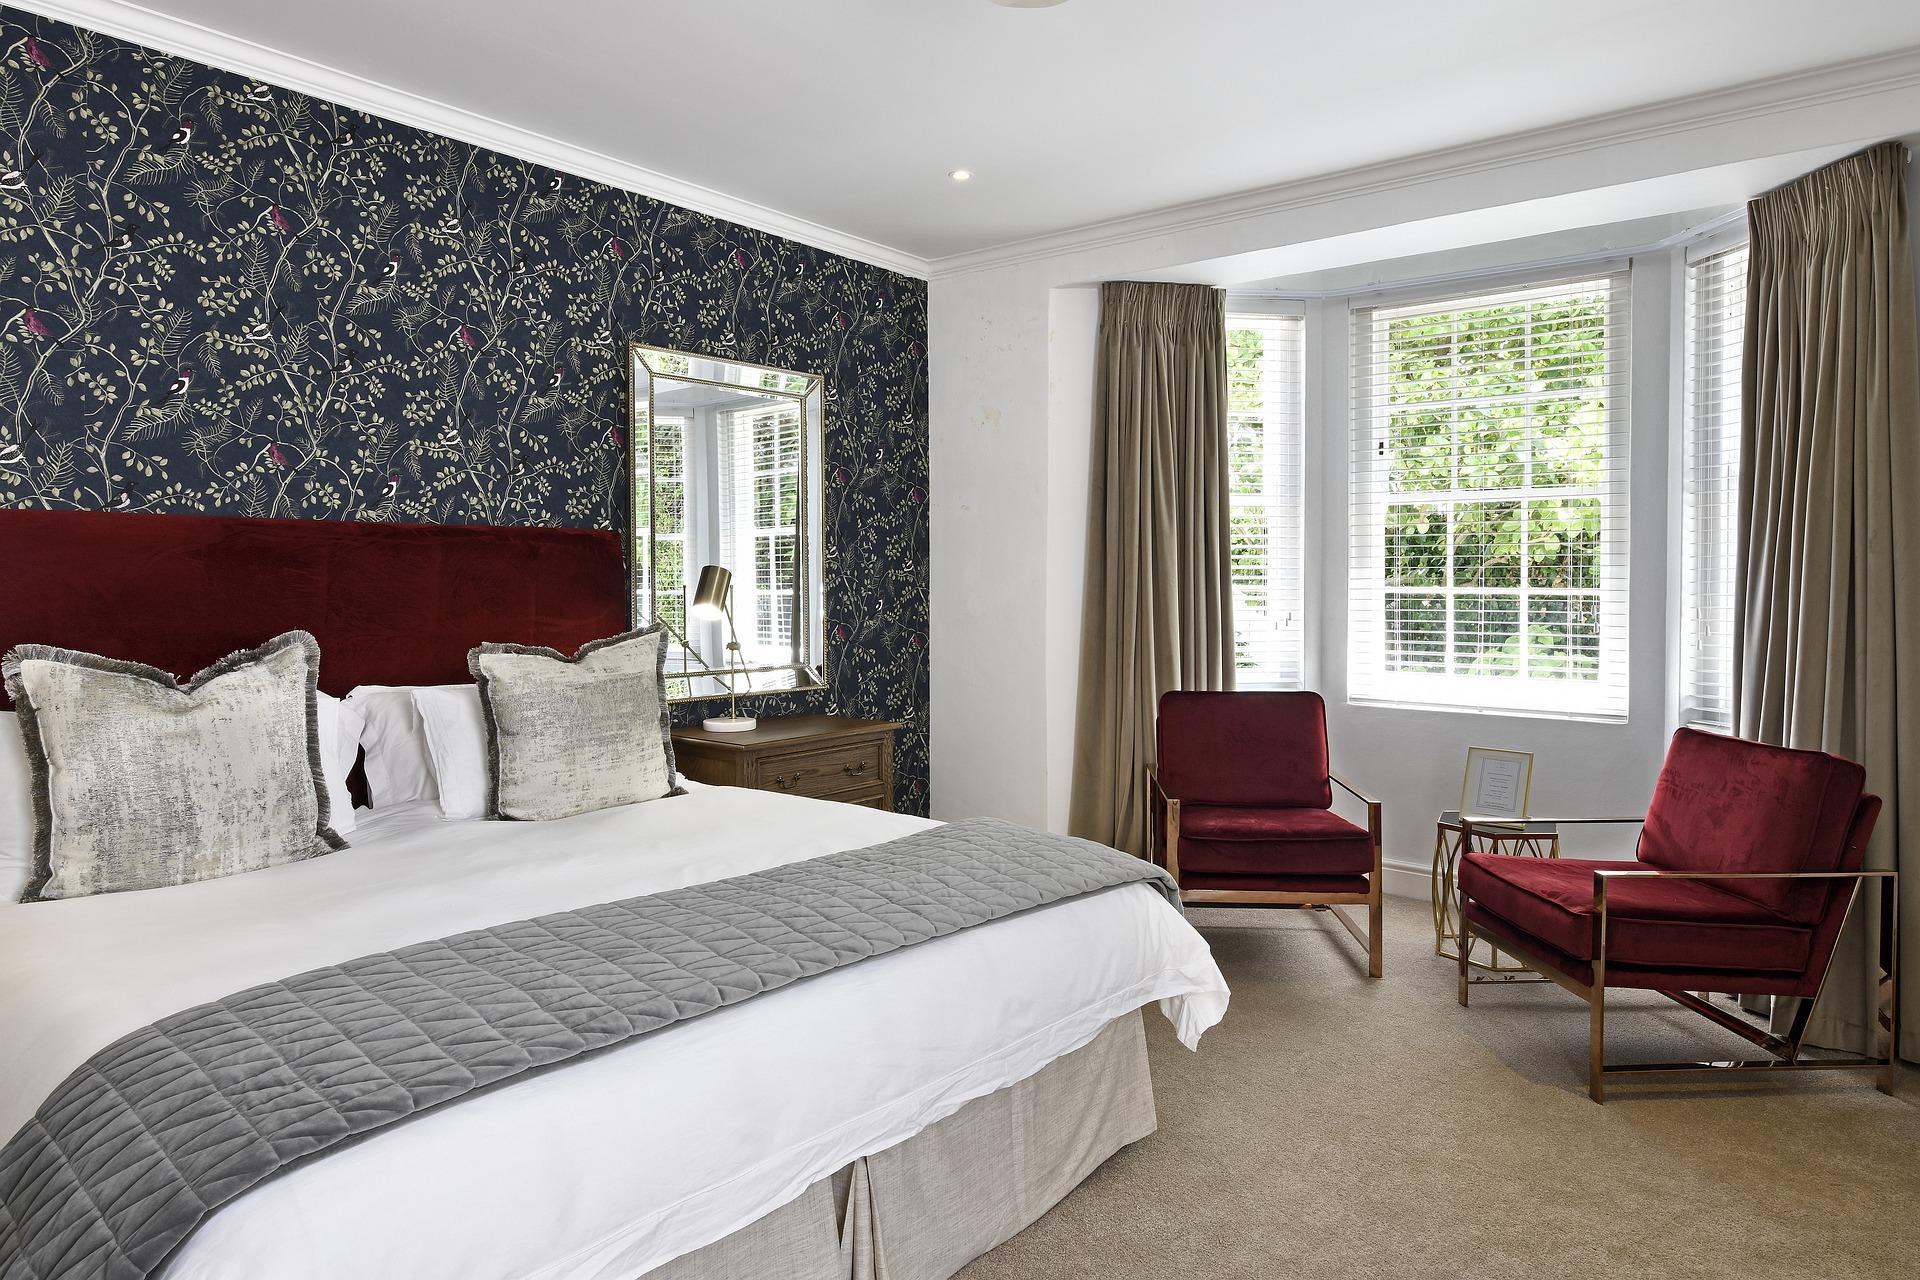 Guide_d_aménagement_intérieur_:_une_chambre_à_coucher_principale_magistrale_